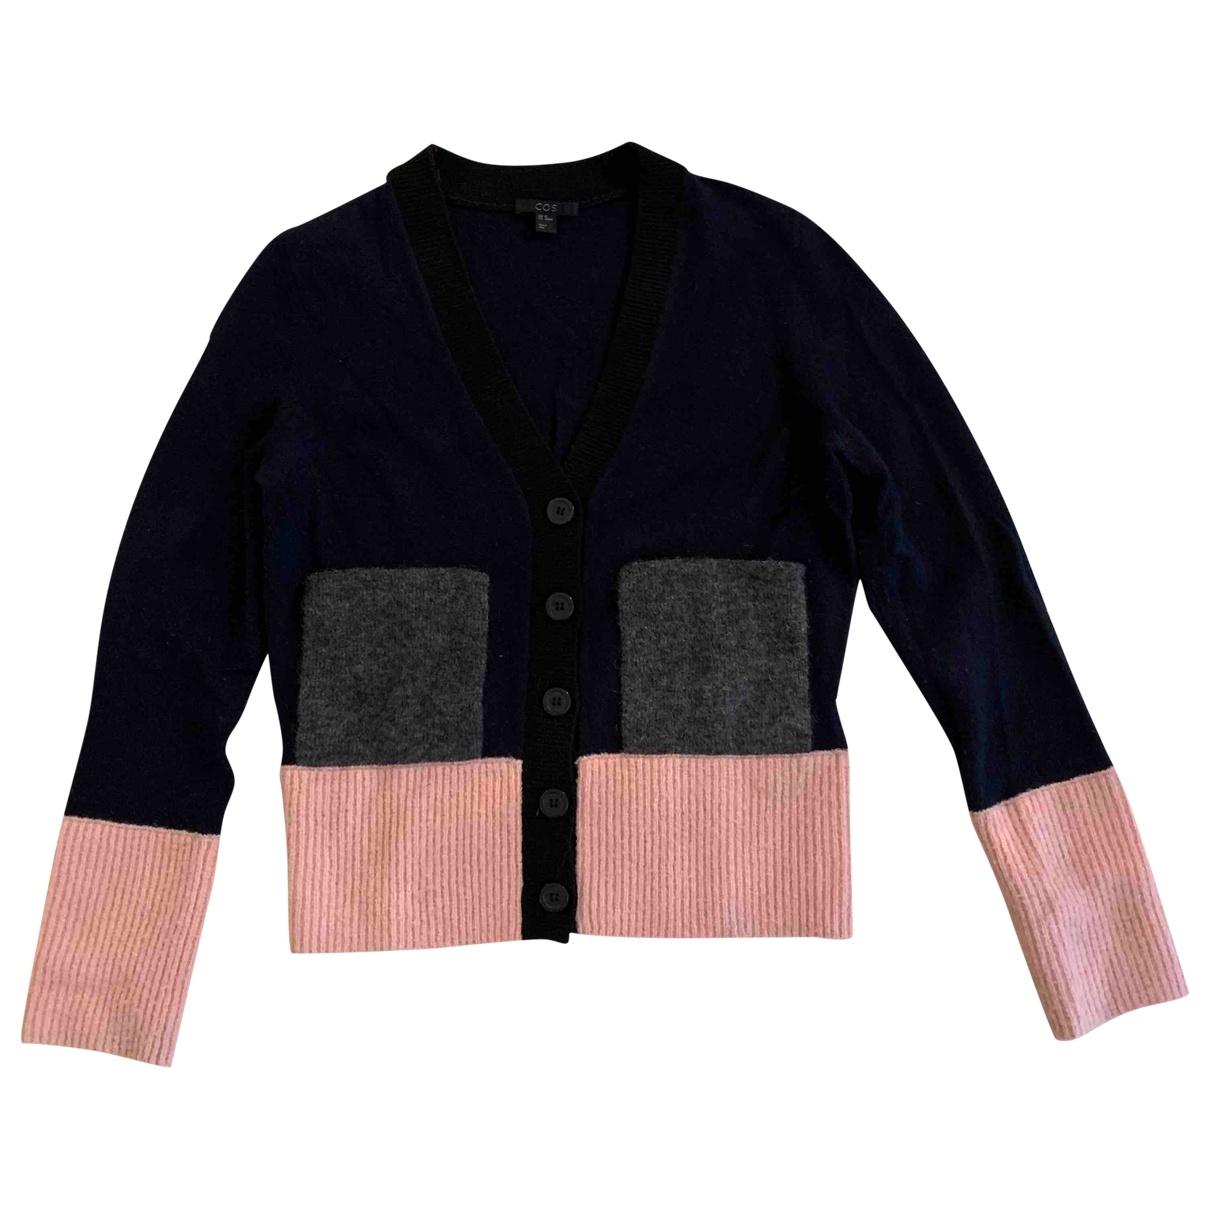 Cos - Pull   pour femme en laine - multicolore